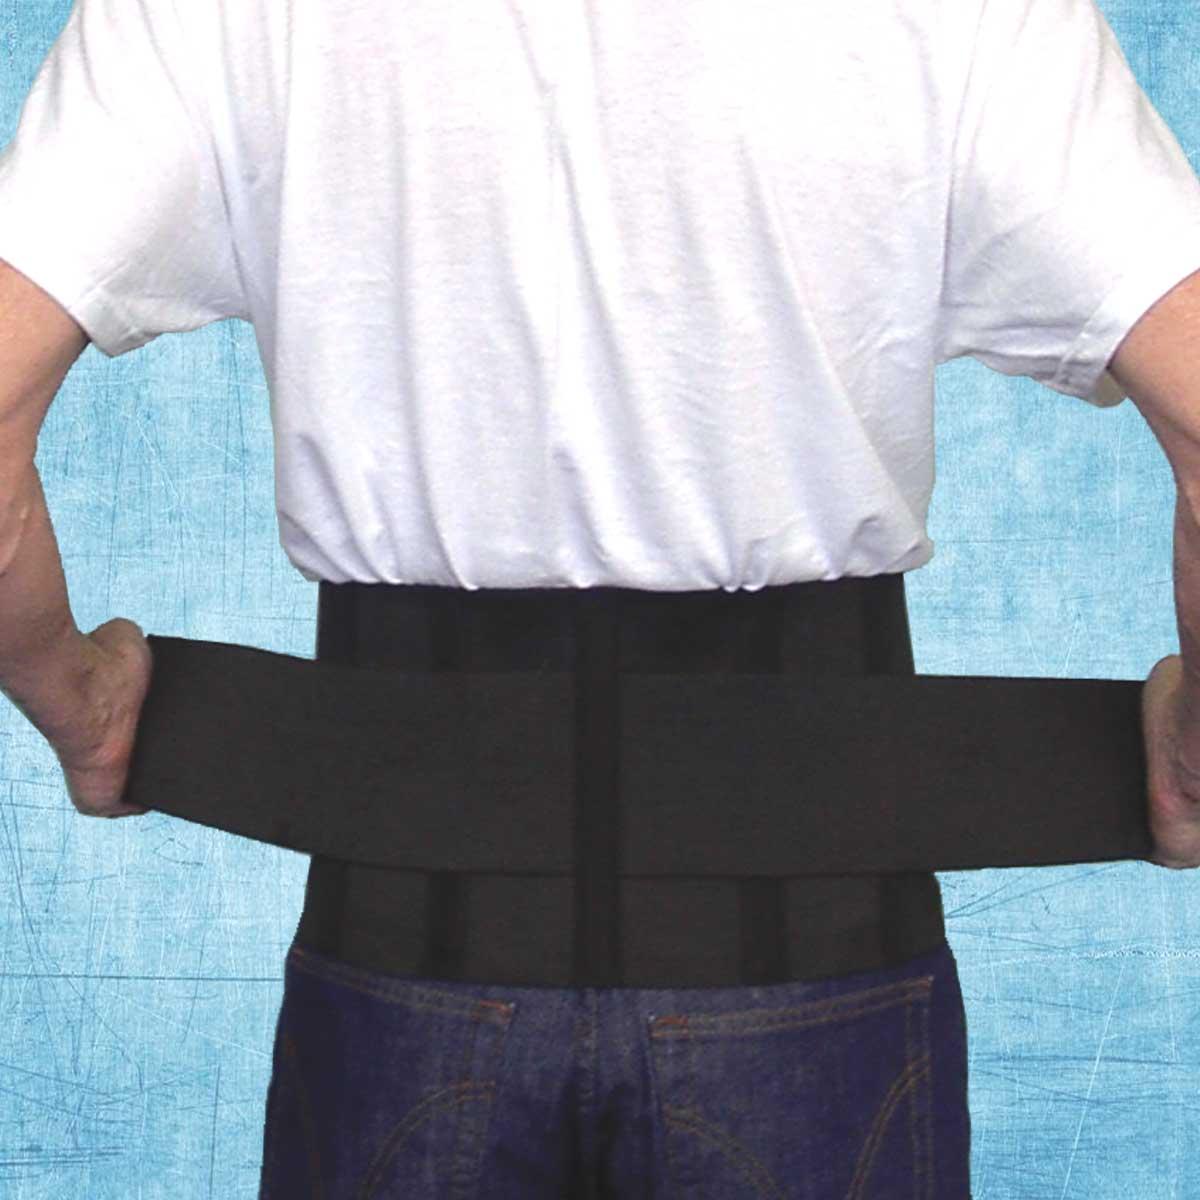 back brace, Vitality Back Brace, back support, back, adjustable back brace, back pain